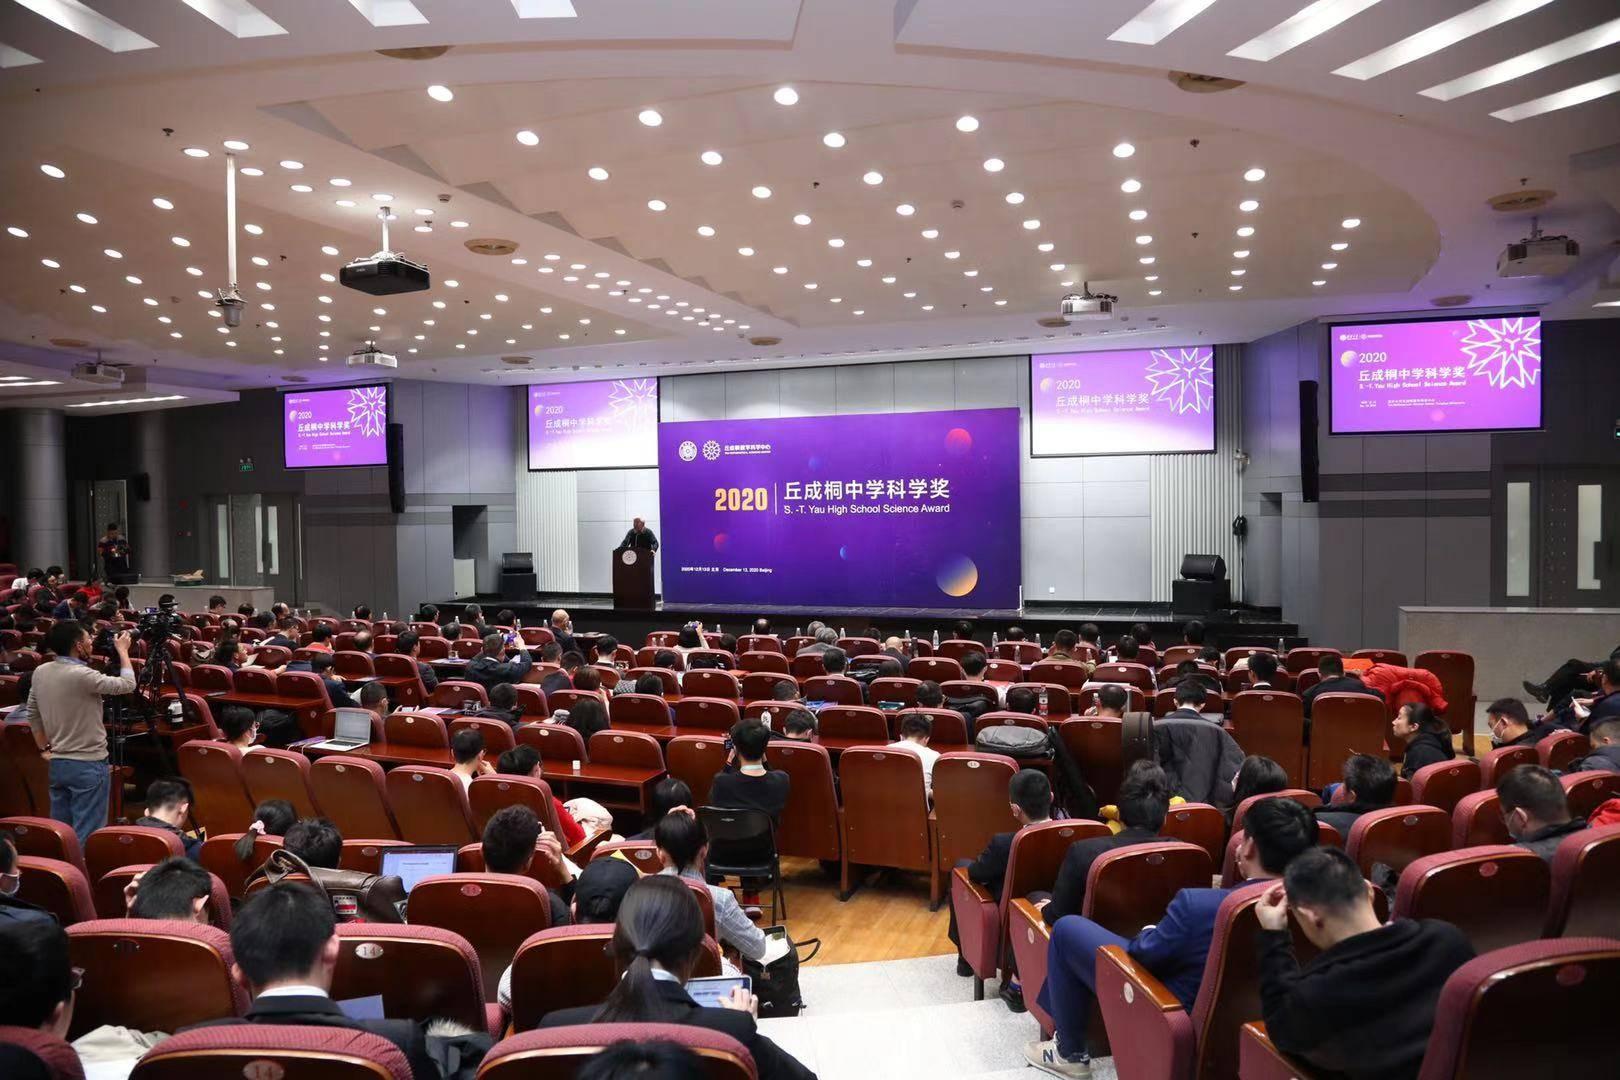 2020年第十三届丘成桐中学科学奖在清华大学圆满落幕